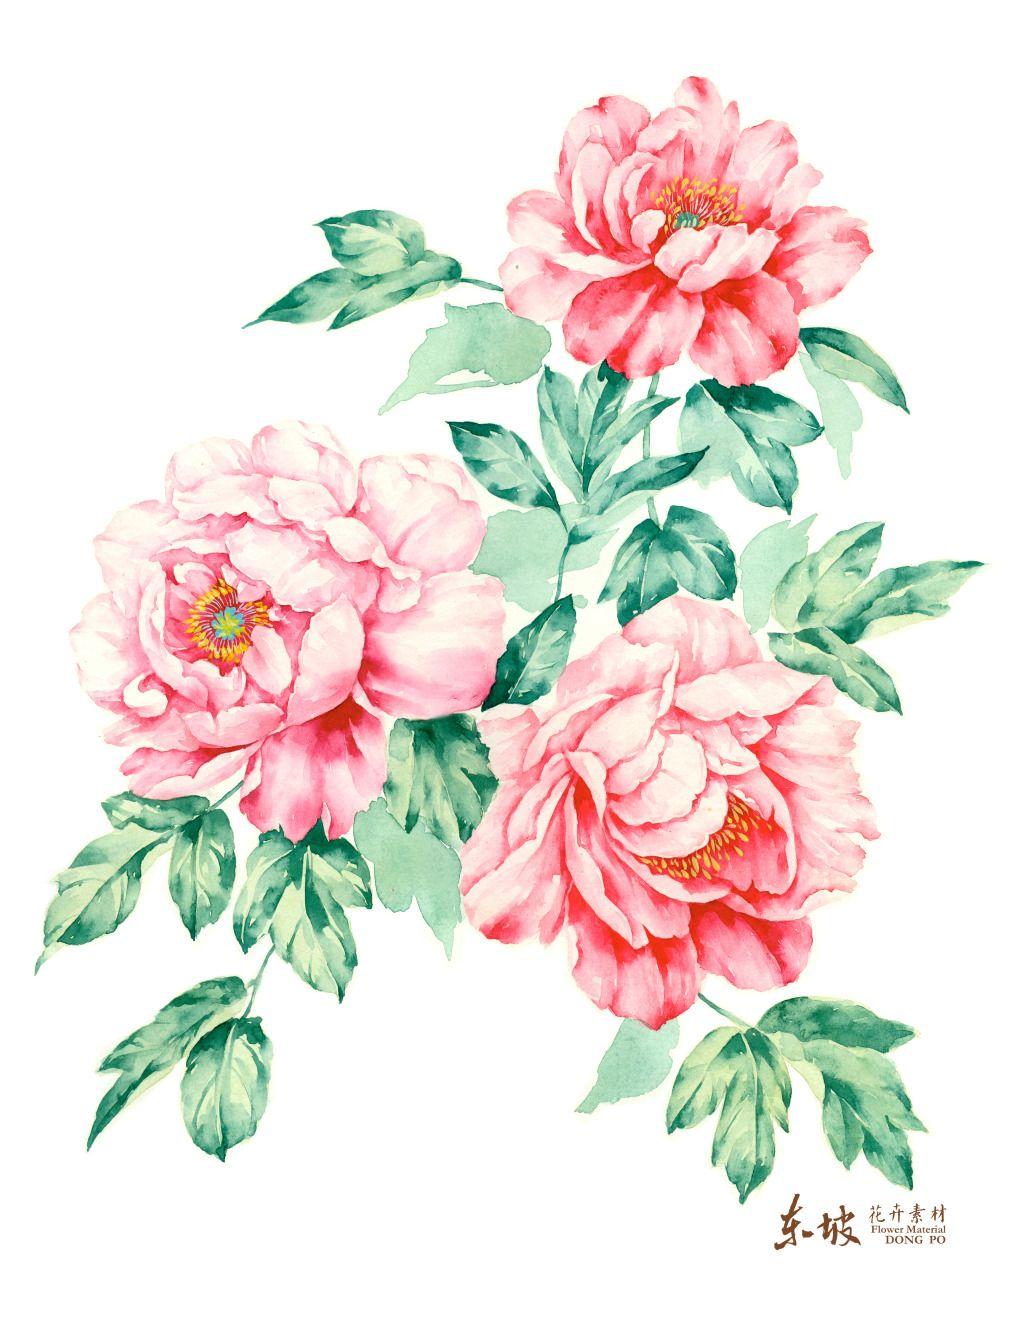 三朵手绘牡丹花图片素材免费下载 格式 jpg 大小 3936x5124像素 图片编号 17495293 千图网www 58pic com flower illustration flower art flower prints art